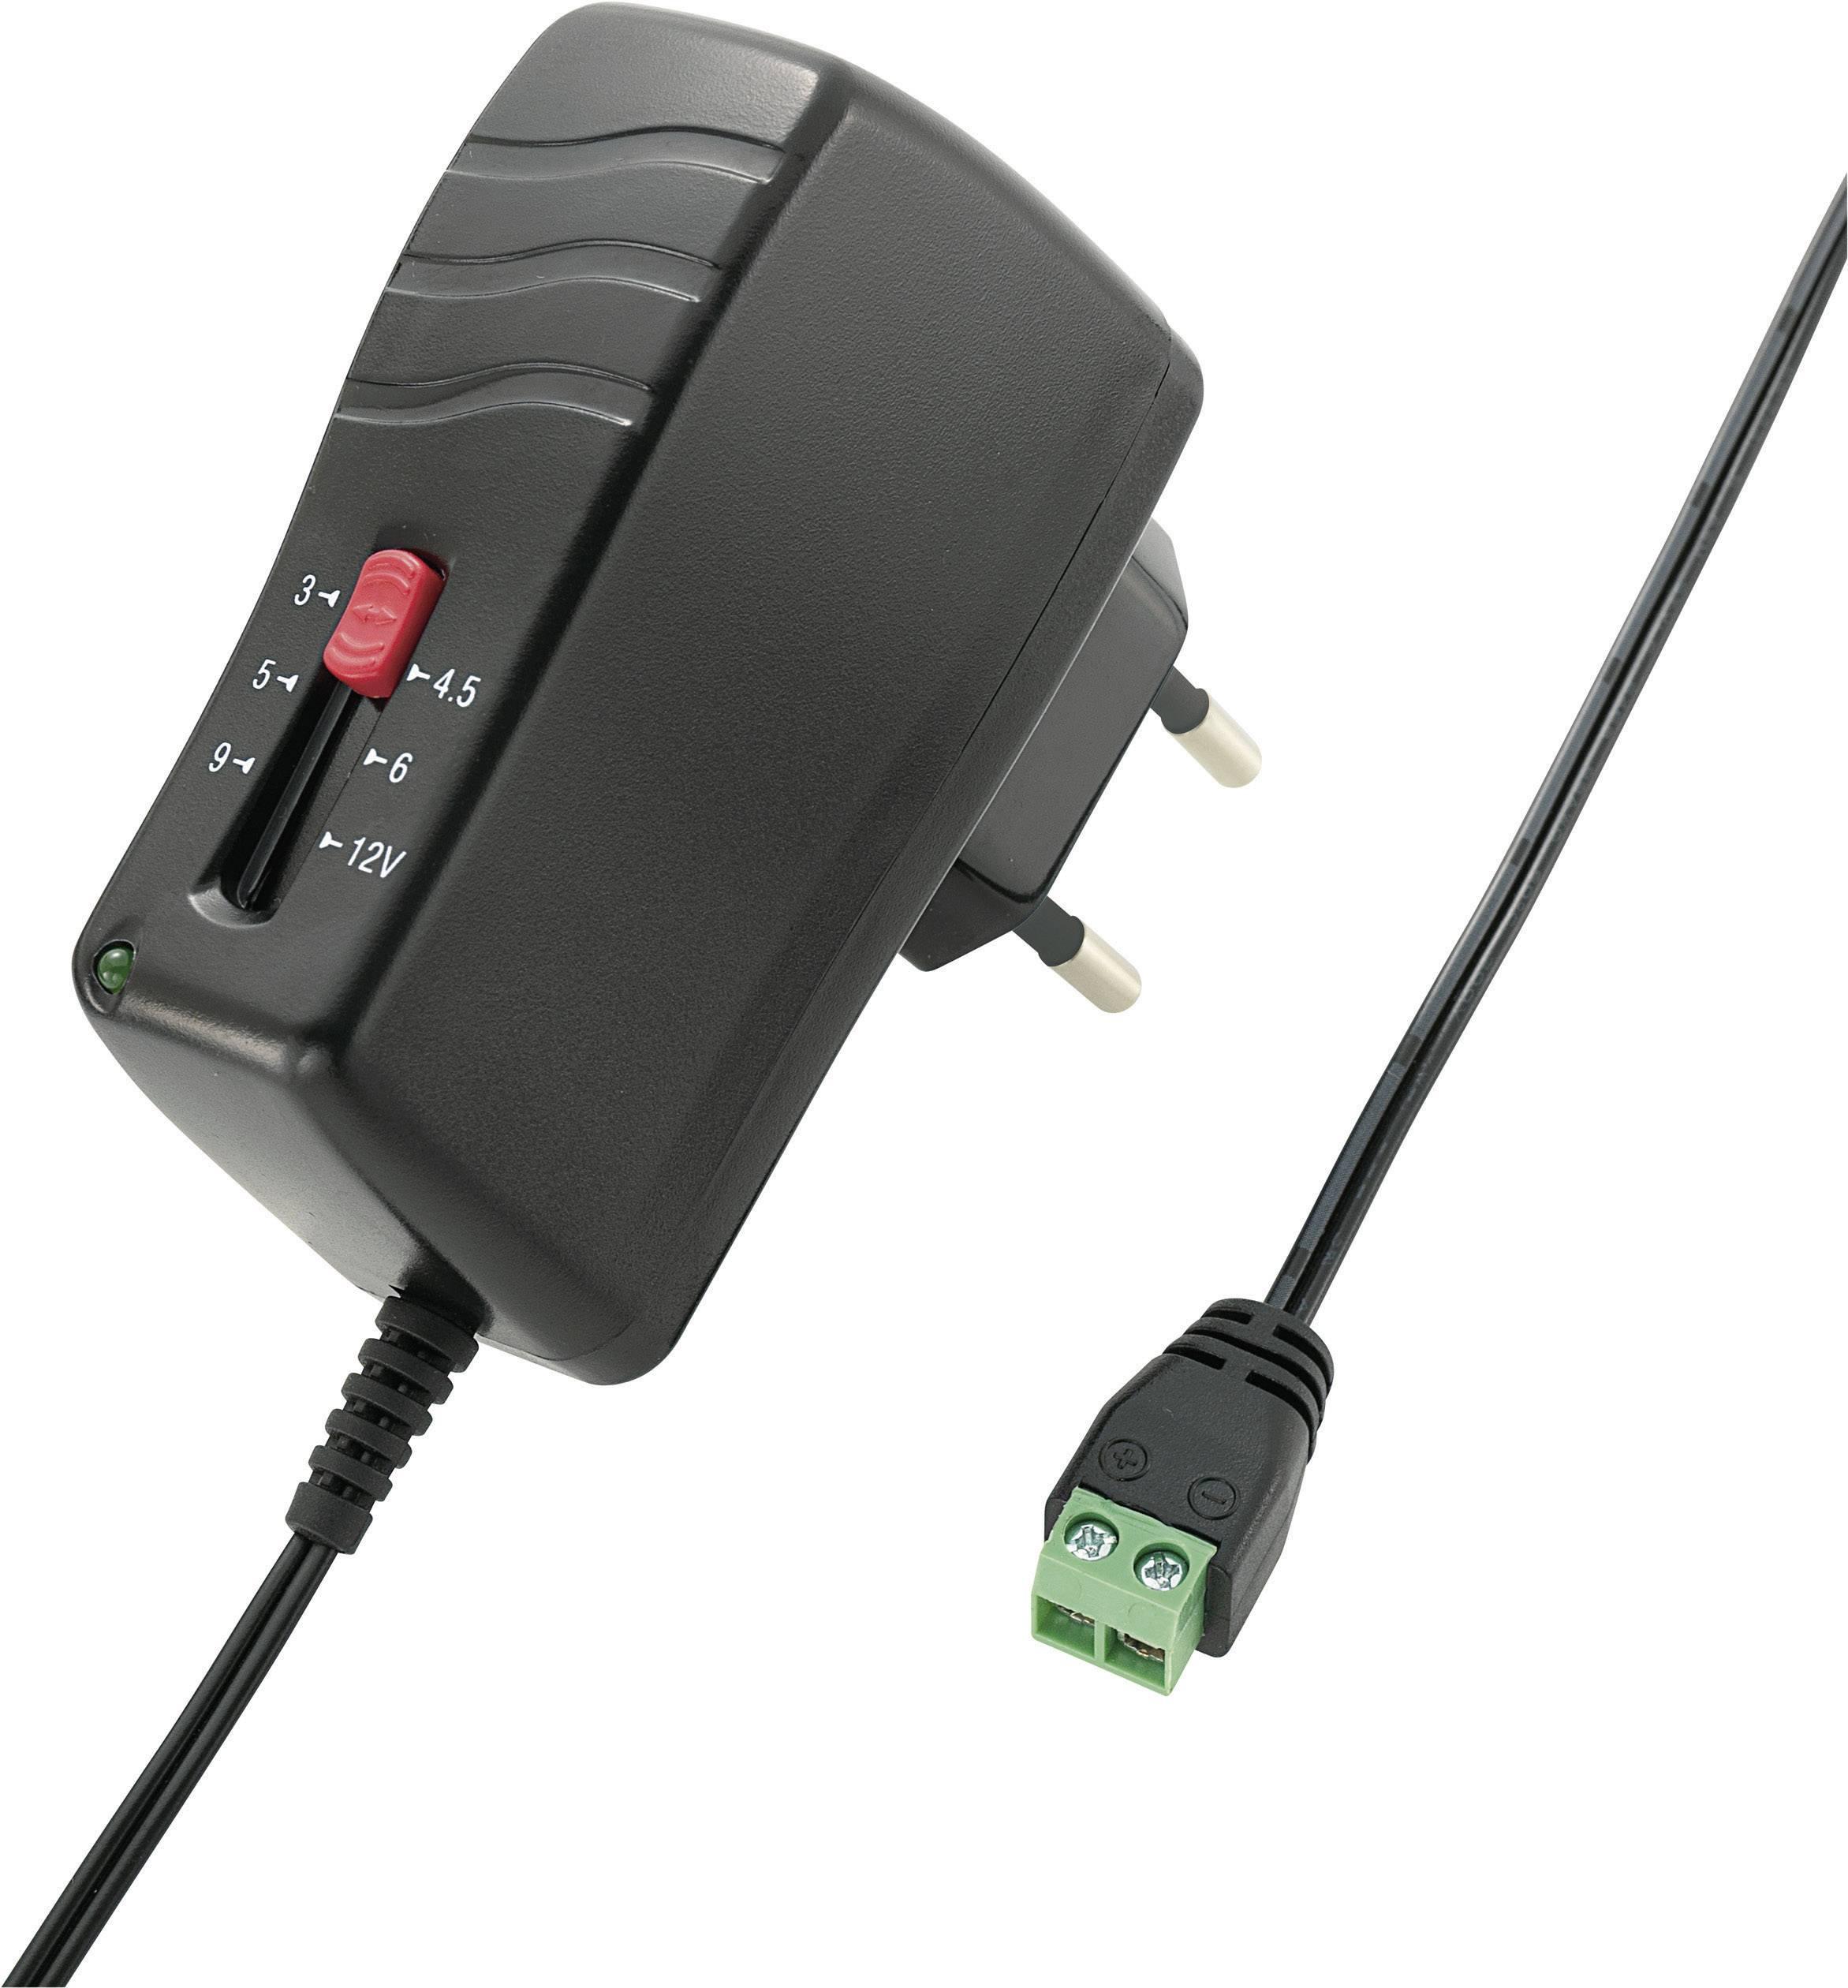 Síťový adaptér Voltcraft SNG-1000-OC, nastavitelé napětí 3/4,5/5/6/9/12 V/DC